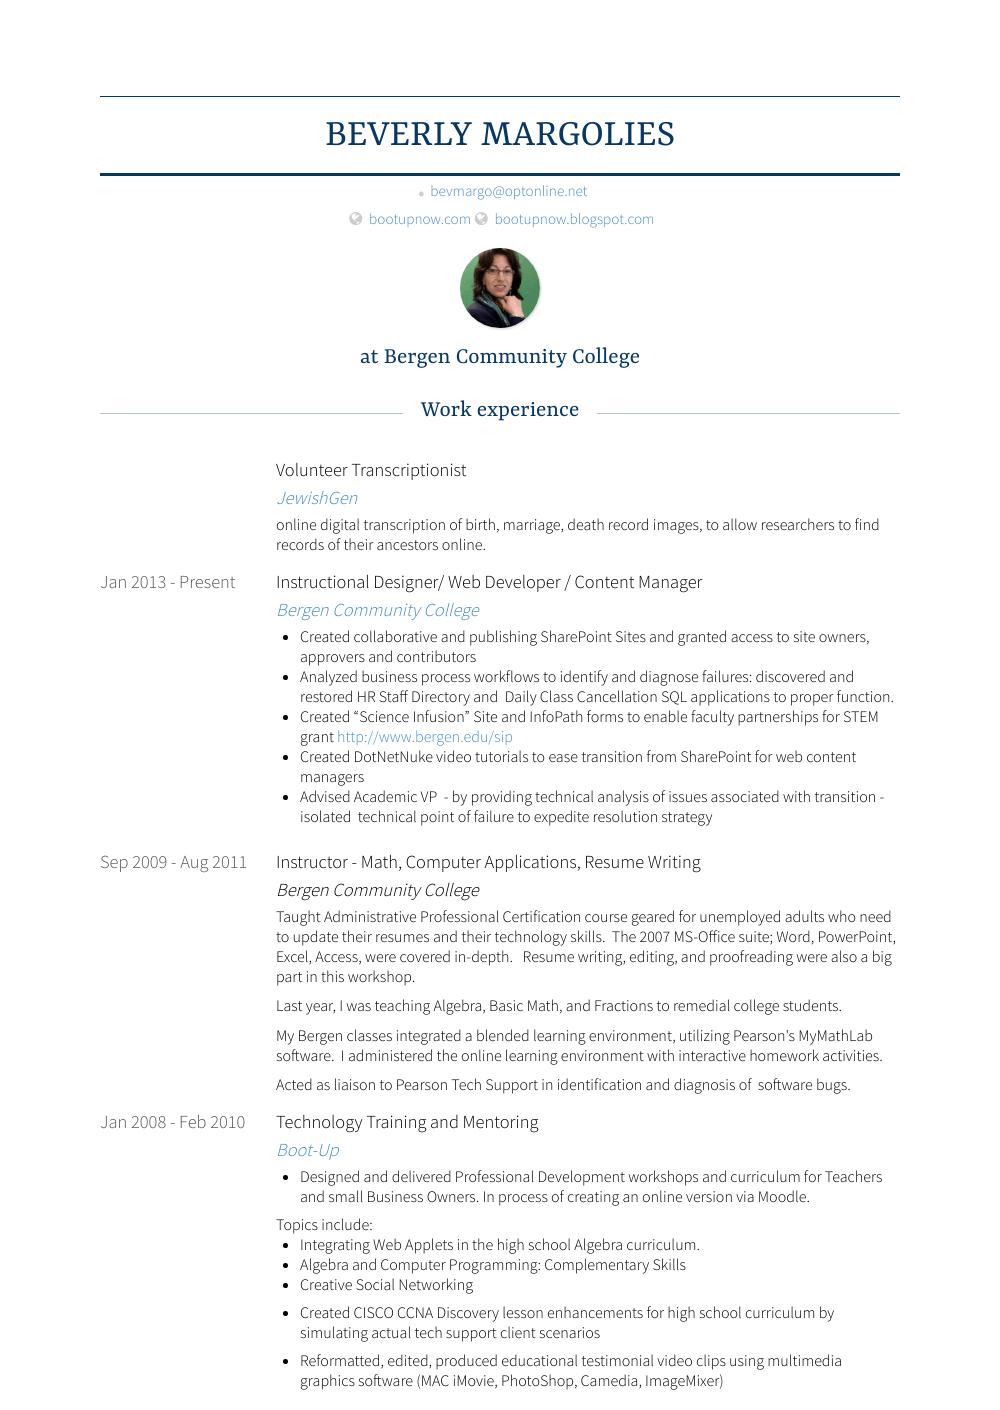 volunteer skills for resumes